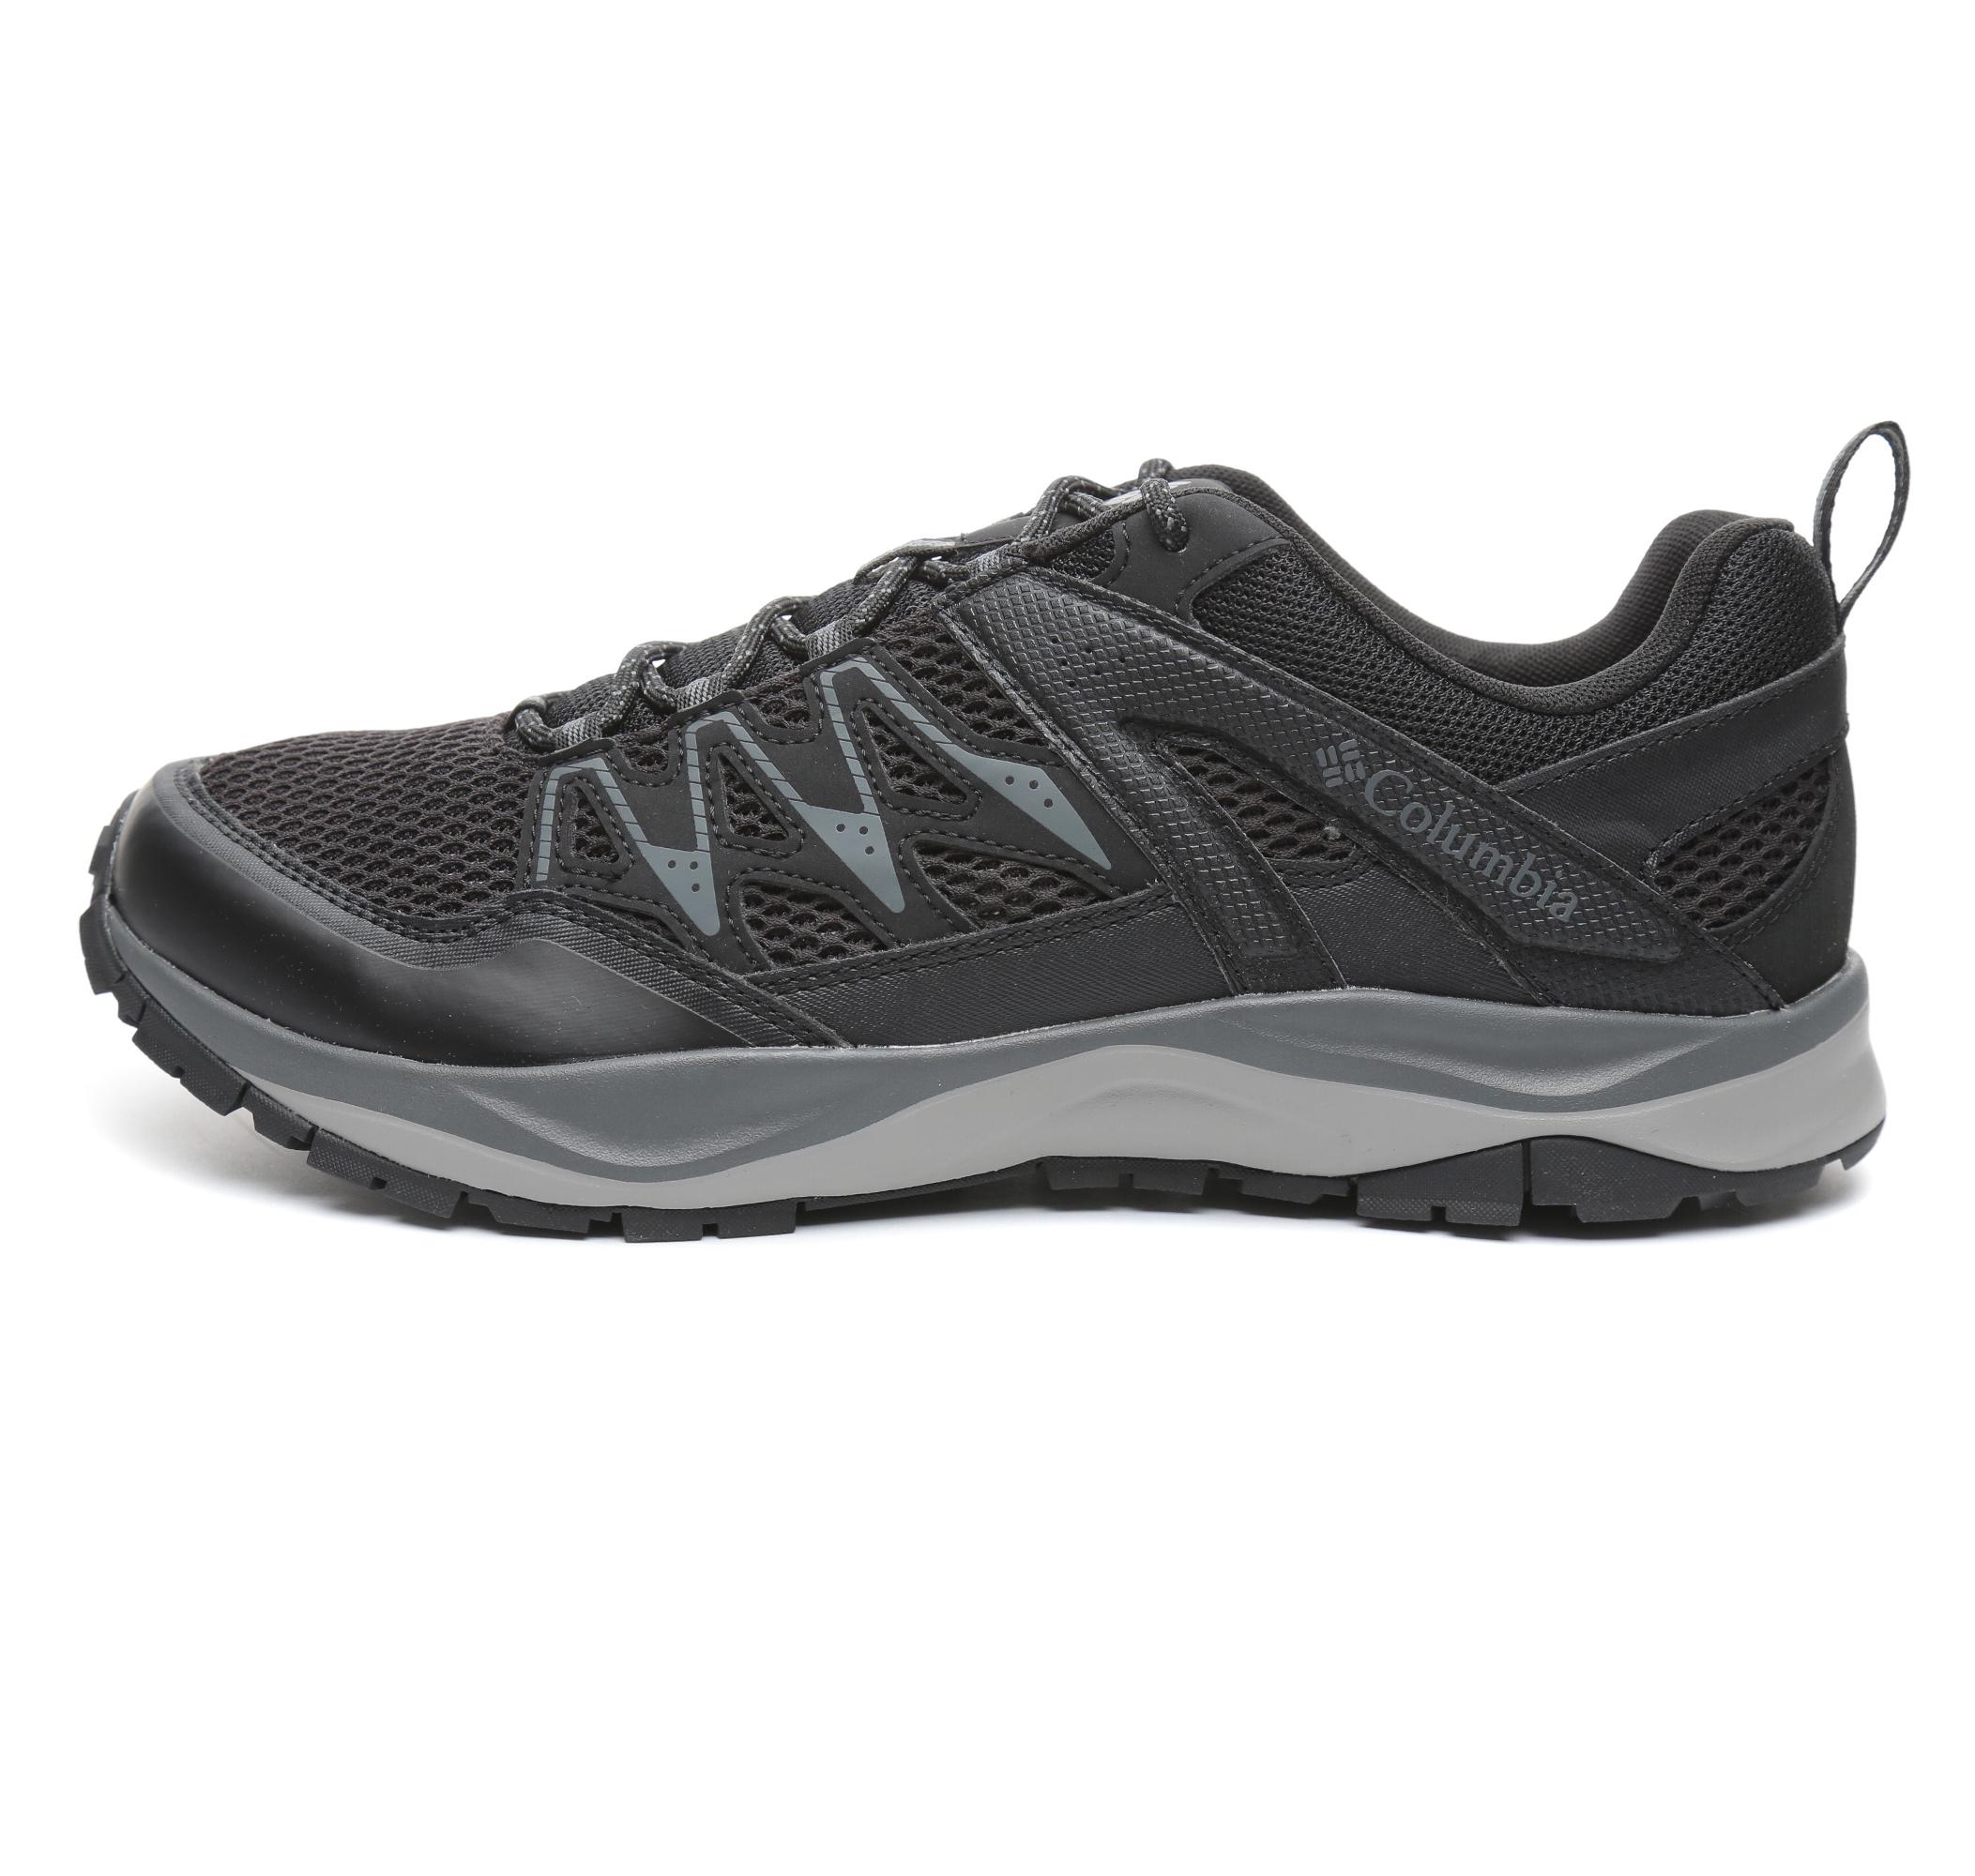 Bm0087 Wayfınder Iı Erkek Spor Ayakkabı Siyah